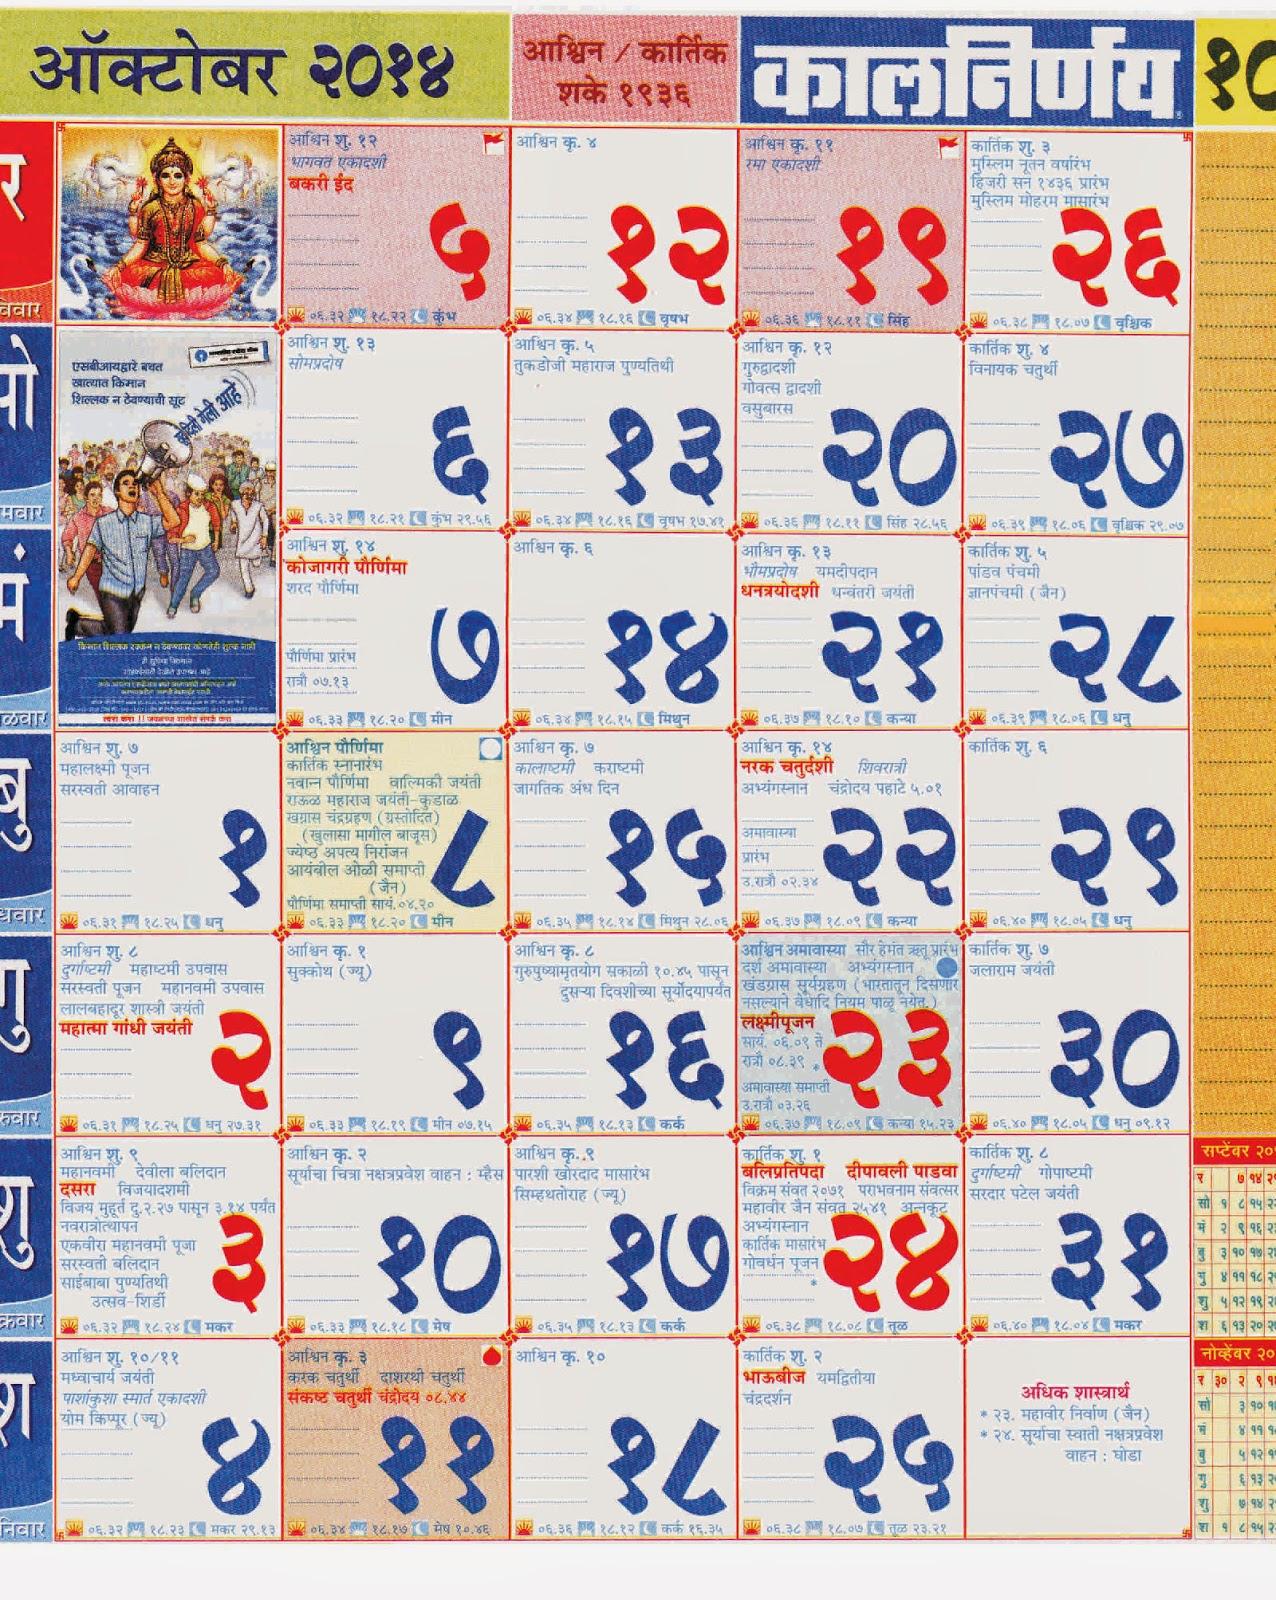 मराठी कॅलेंडर २०१४ - Marathi Calendar 2014